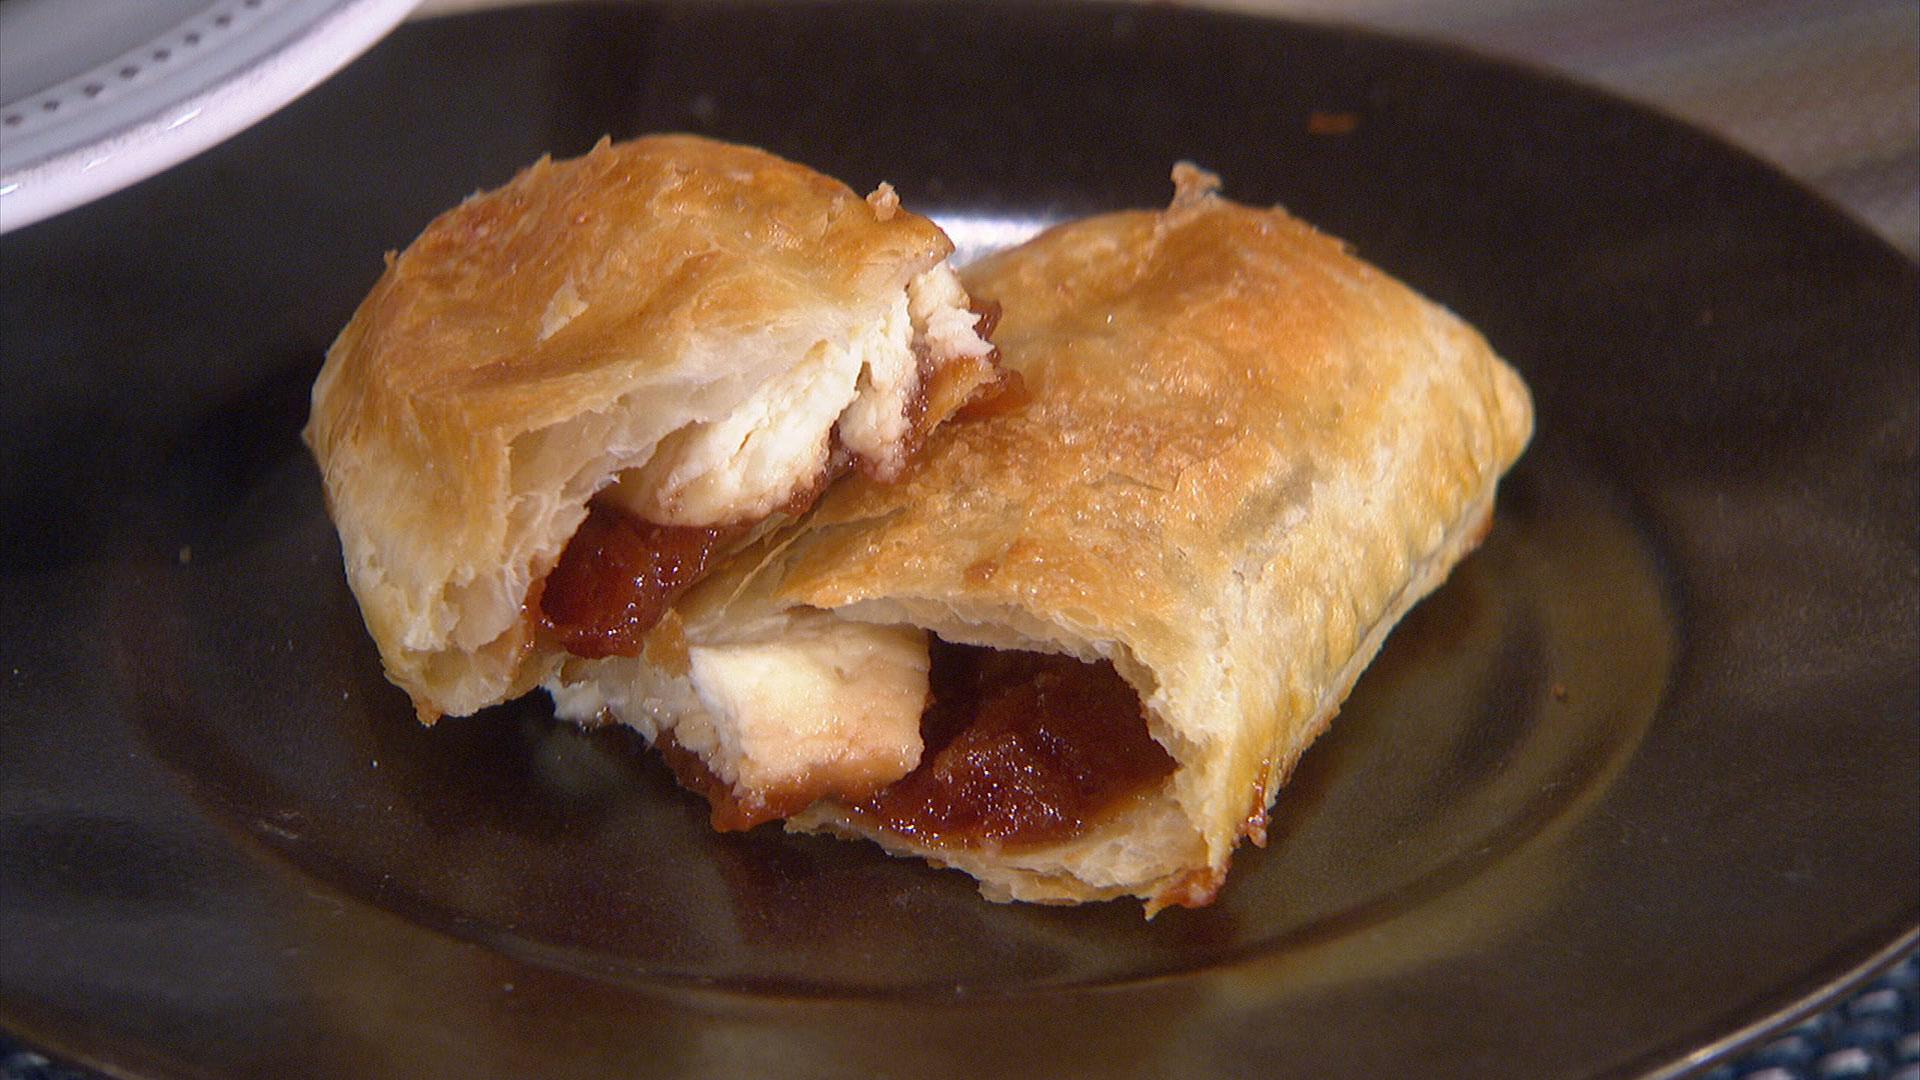 Guava And Cream Cheese Pastry Recipe — Dishmaps